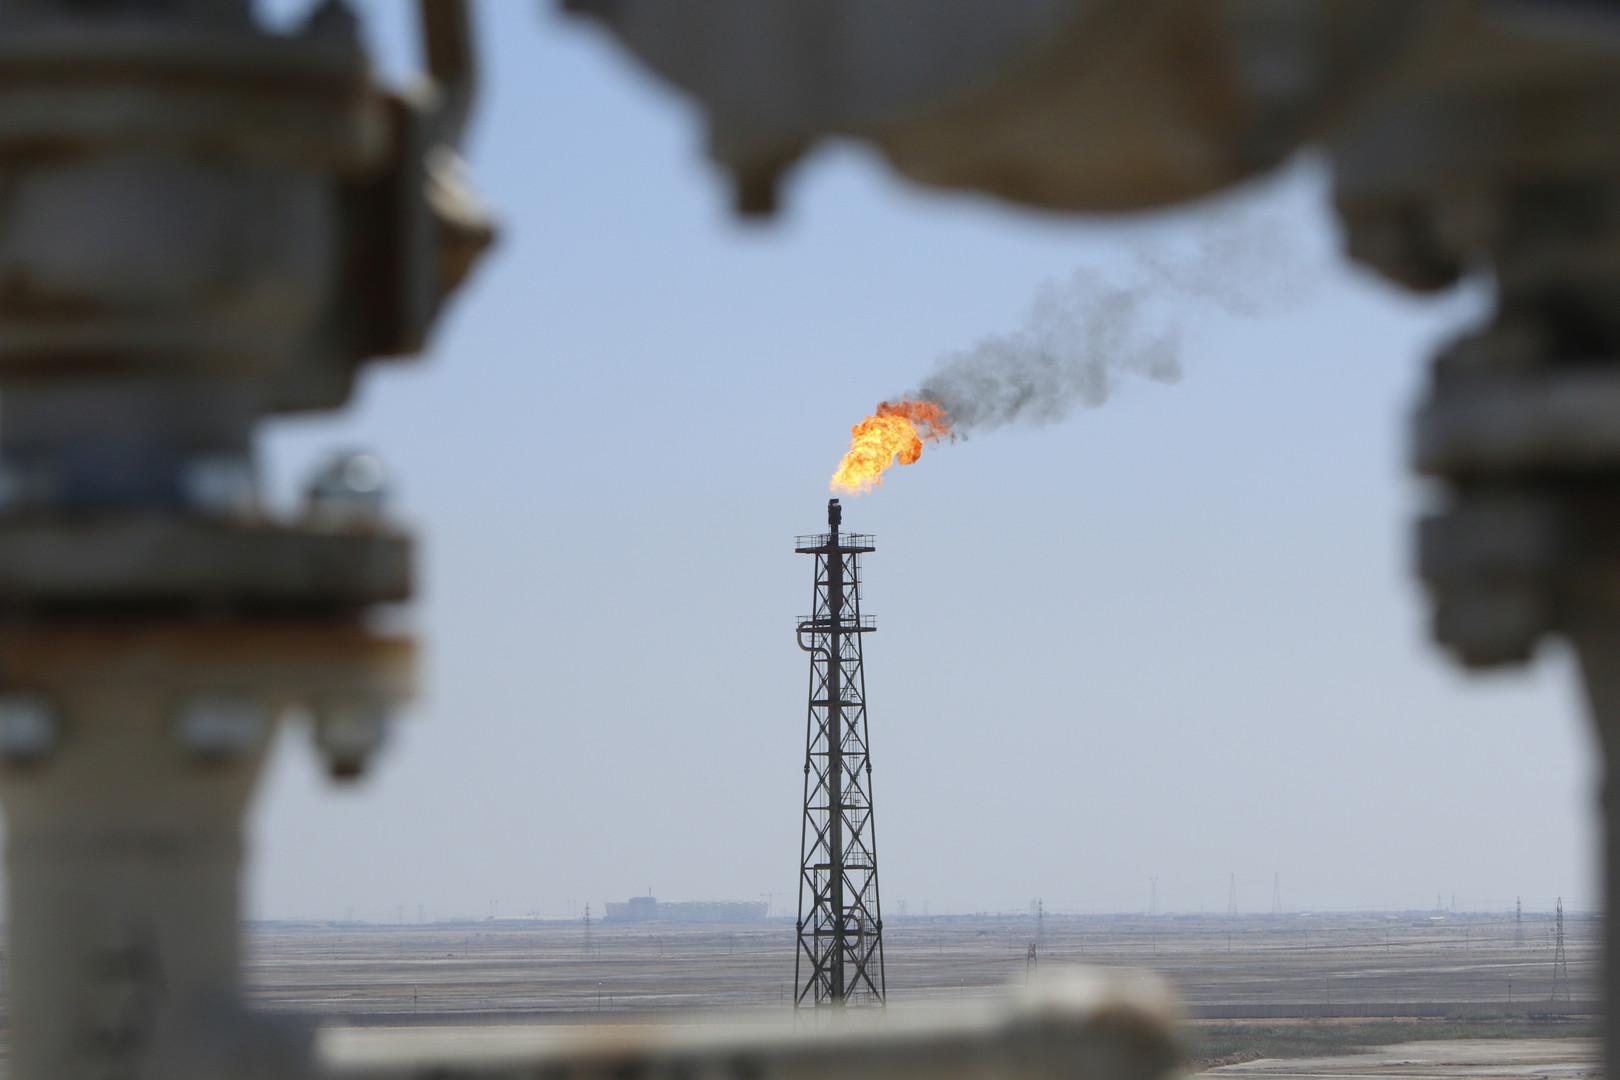 وزير الكهرباء العراقي يوضح لـRT حقيقة استثناء بلده من العقوبات الأمريكية